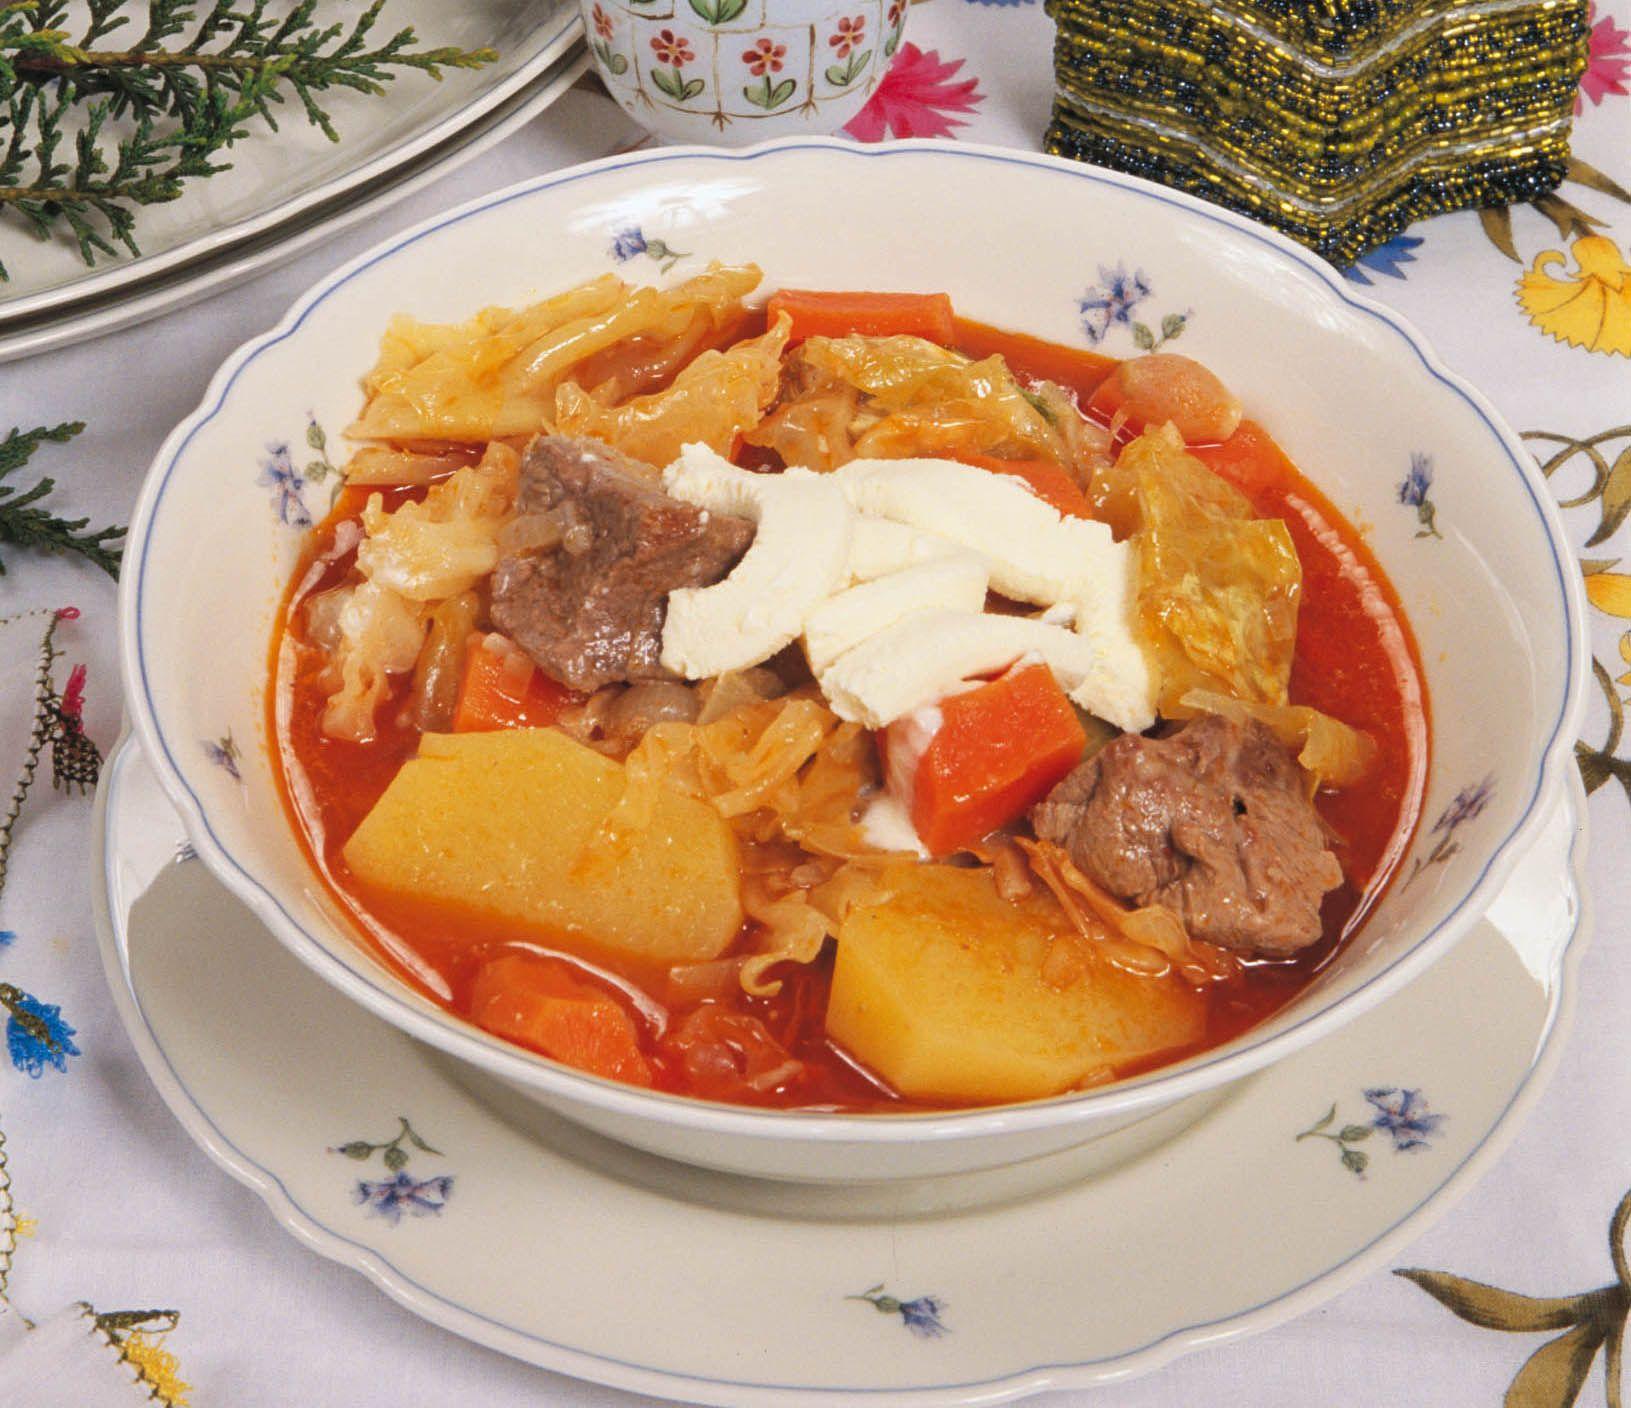 Borsch: etli klasik bir tarif. Borsch nasıl pişirilir: adım adım tarifi